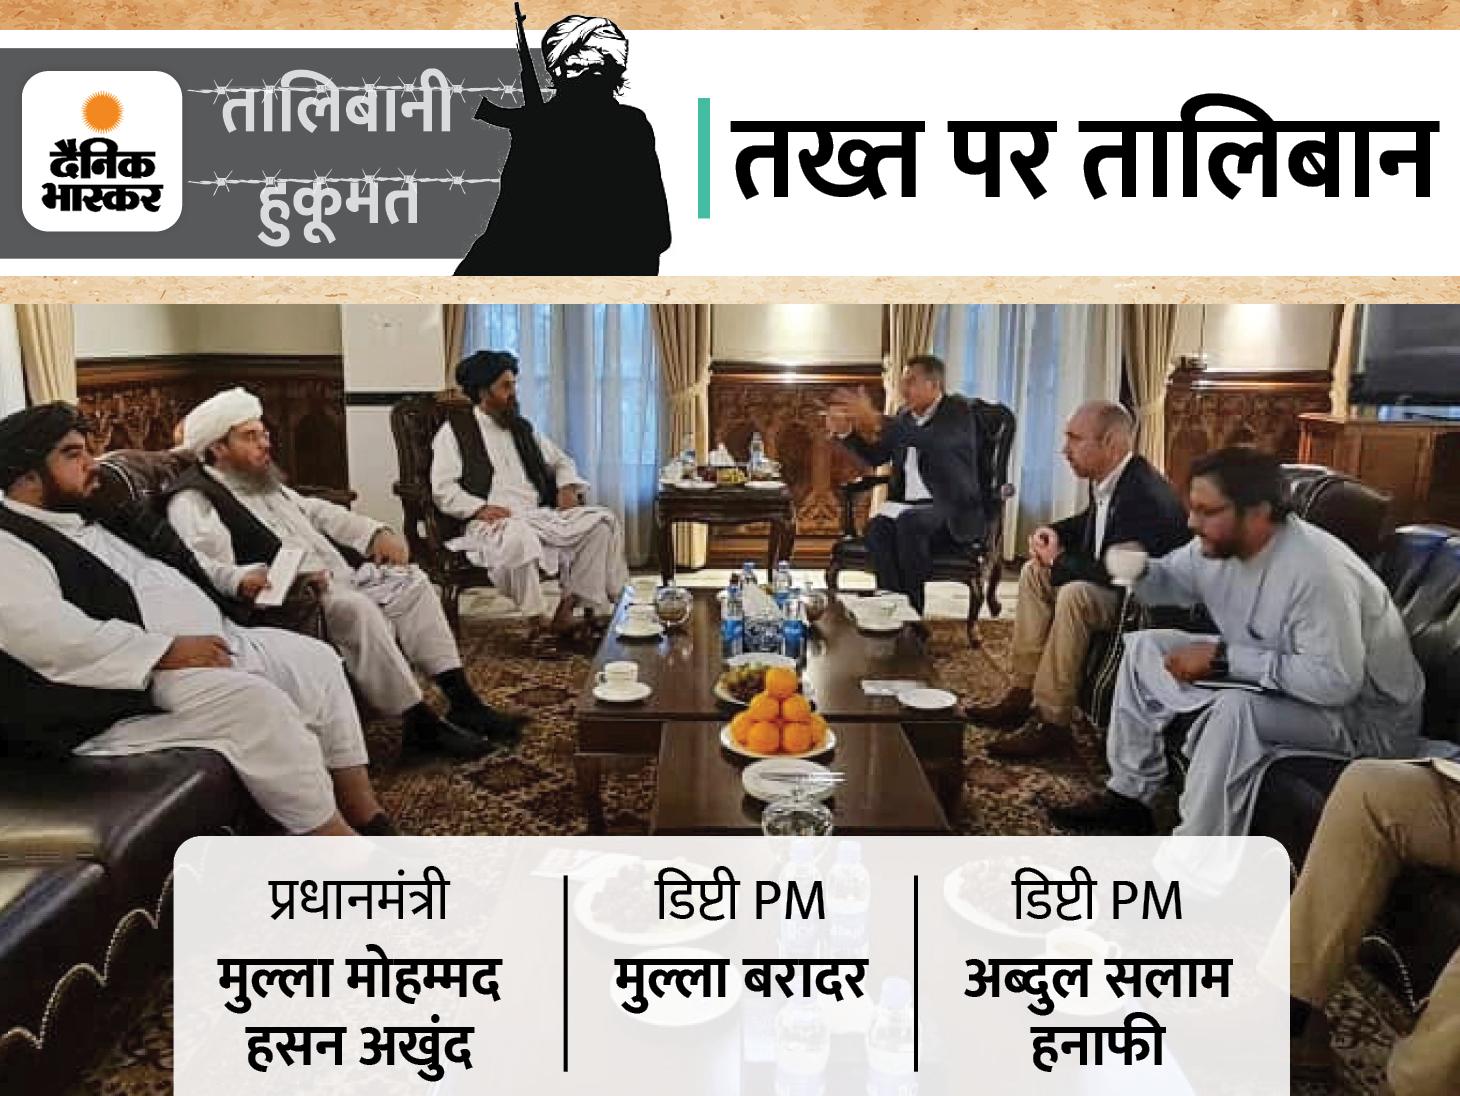 तालिबान की सरकार में कोई महिला नहीं; भारत से बातचीत करने वाले स्टेनेकजई उप विदेश मंत्री बने|विदेश,International - Dainik Bhaskar